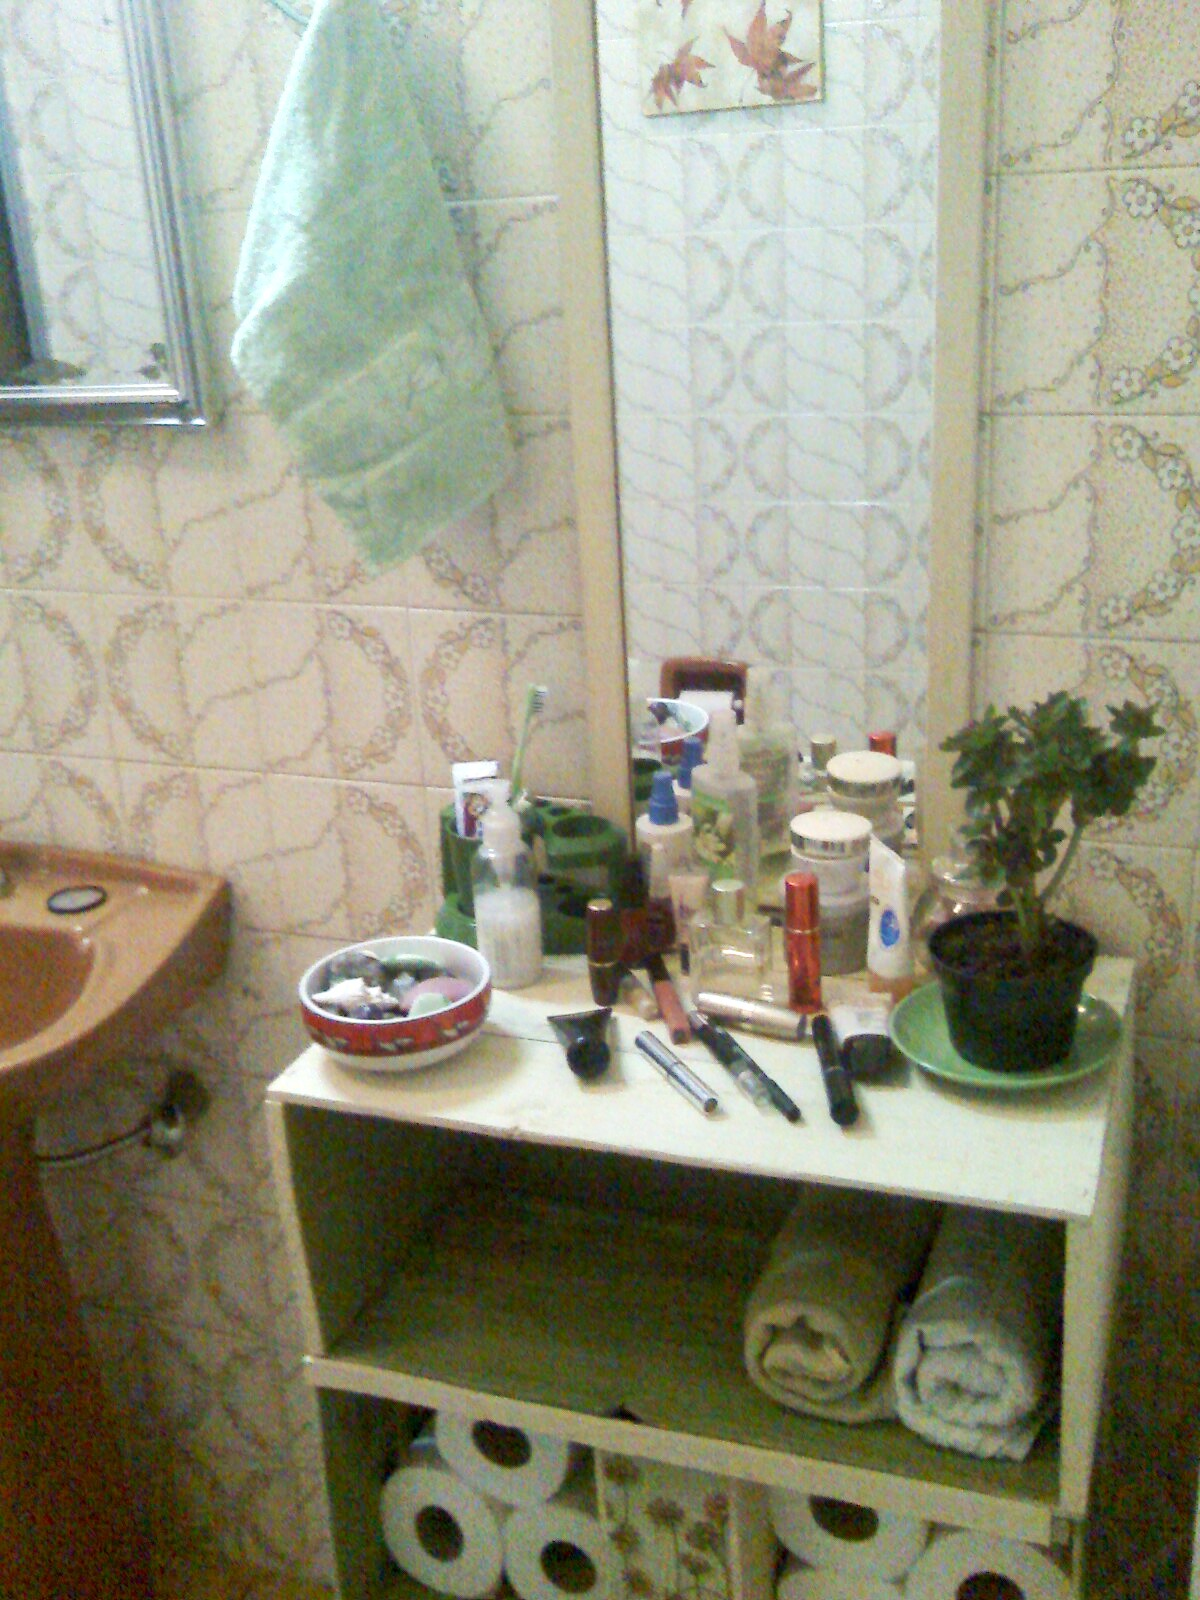 Ainda falta uma tampa de vidro e os cestinhos de vime para guardar as  #363316 1200x1600 Armario Banheiro Vime